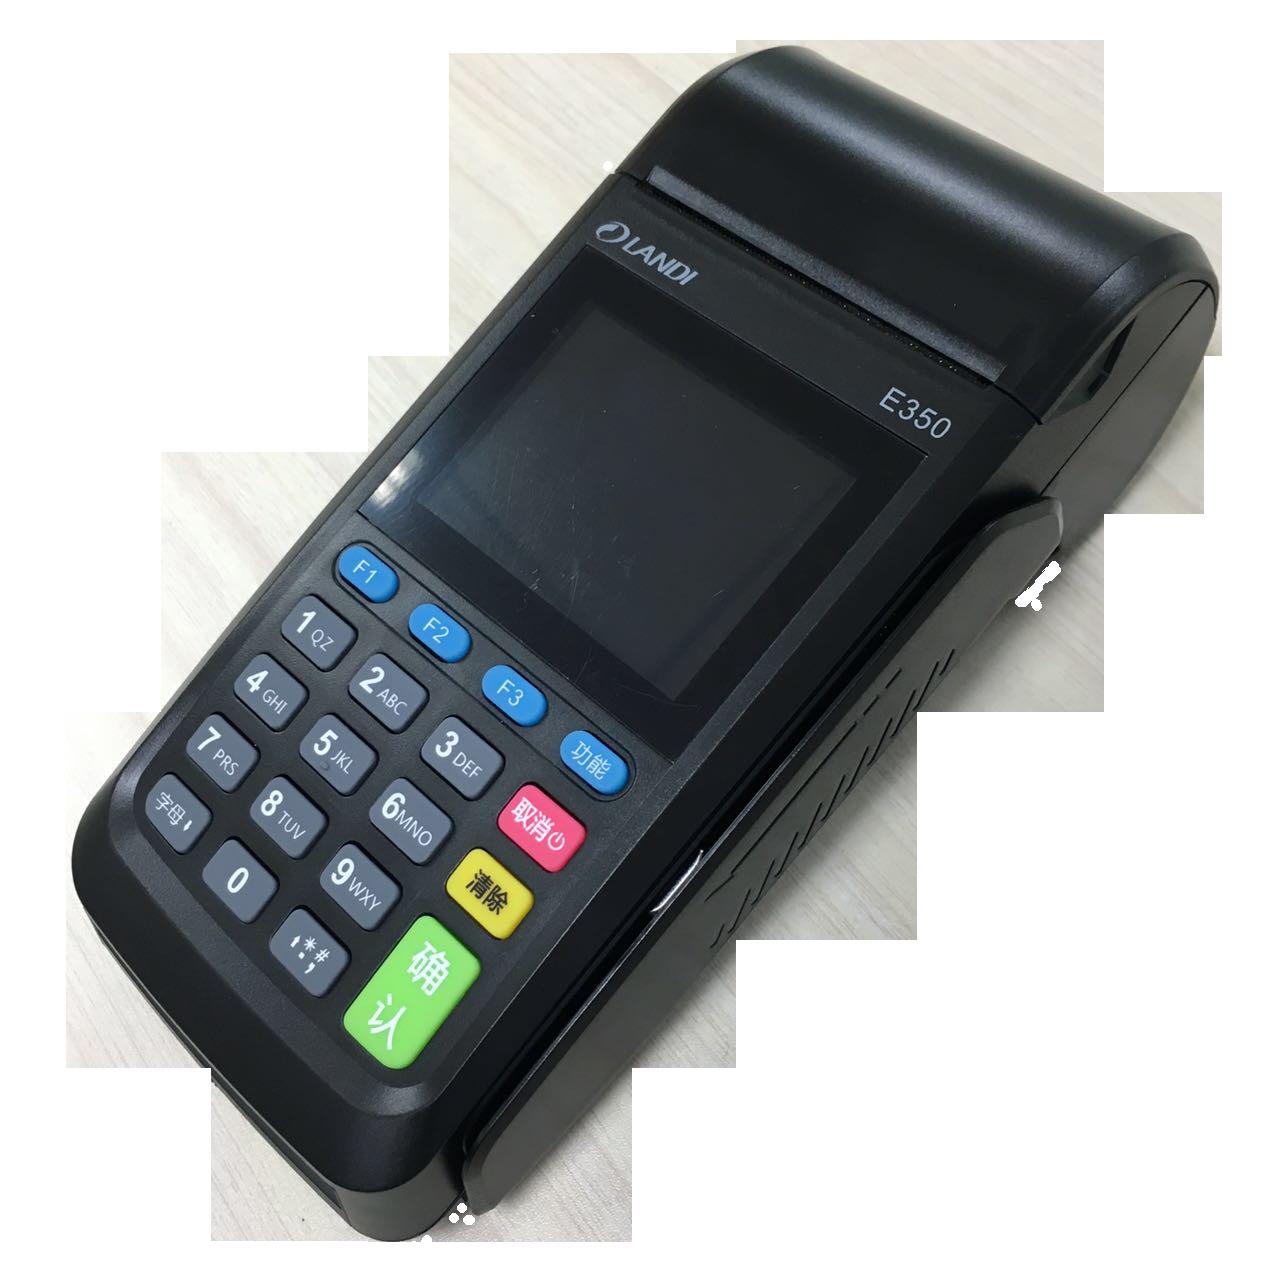 手机pos机刷卡说续费简介 首先如果您是用户 那您刷卡的手续费0.49 封顶是35元每笔 带积分 如果是时时到账标准是0.25手续费 节假日手续费是0.3 目前银联规定市场价位就是这样的 如果您是代理商那么手续费的标准根据每家的收单机构结算也是不一样的 目前全国做pos机的代理商有很多 代理商的利润也是很可观的 举个例子 代理商从总部拿到代理 总部给他的结算成本是0.